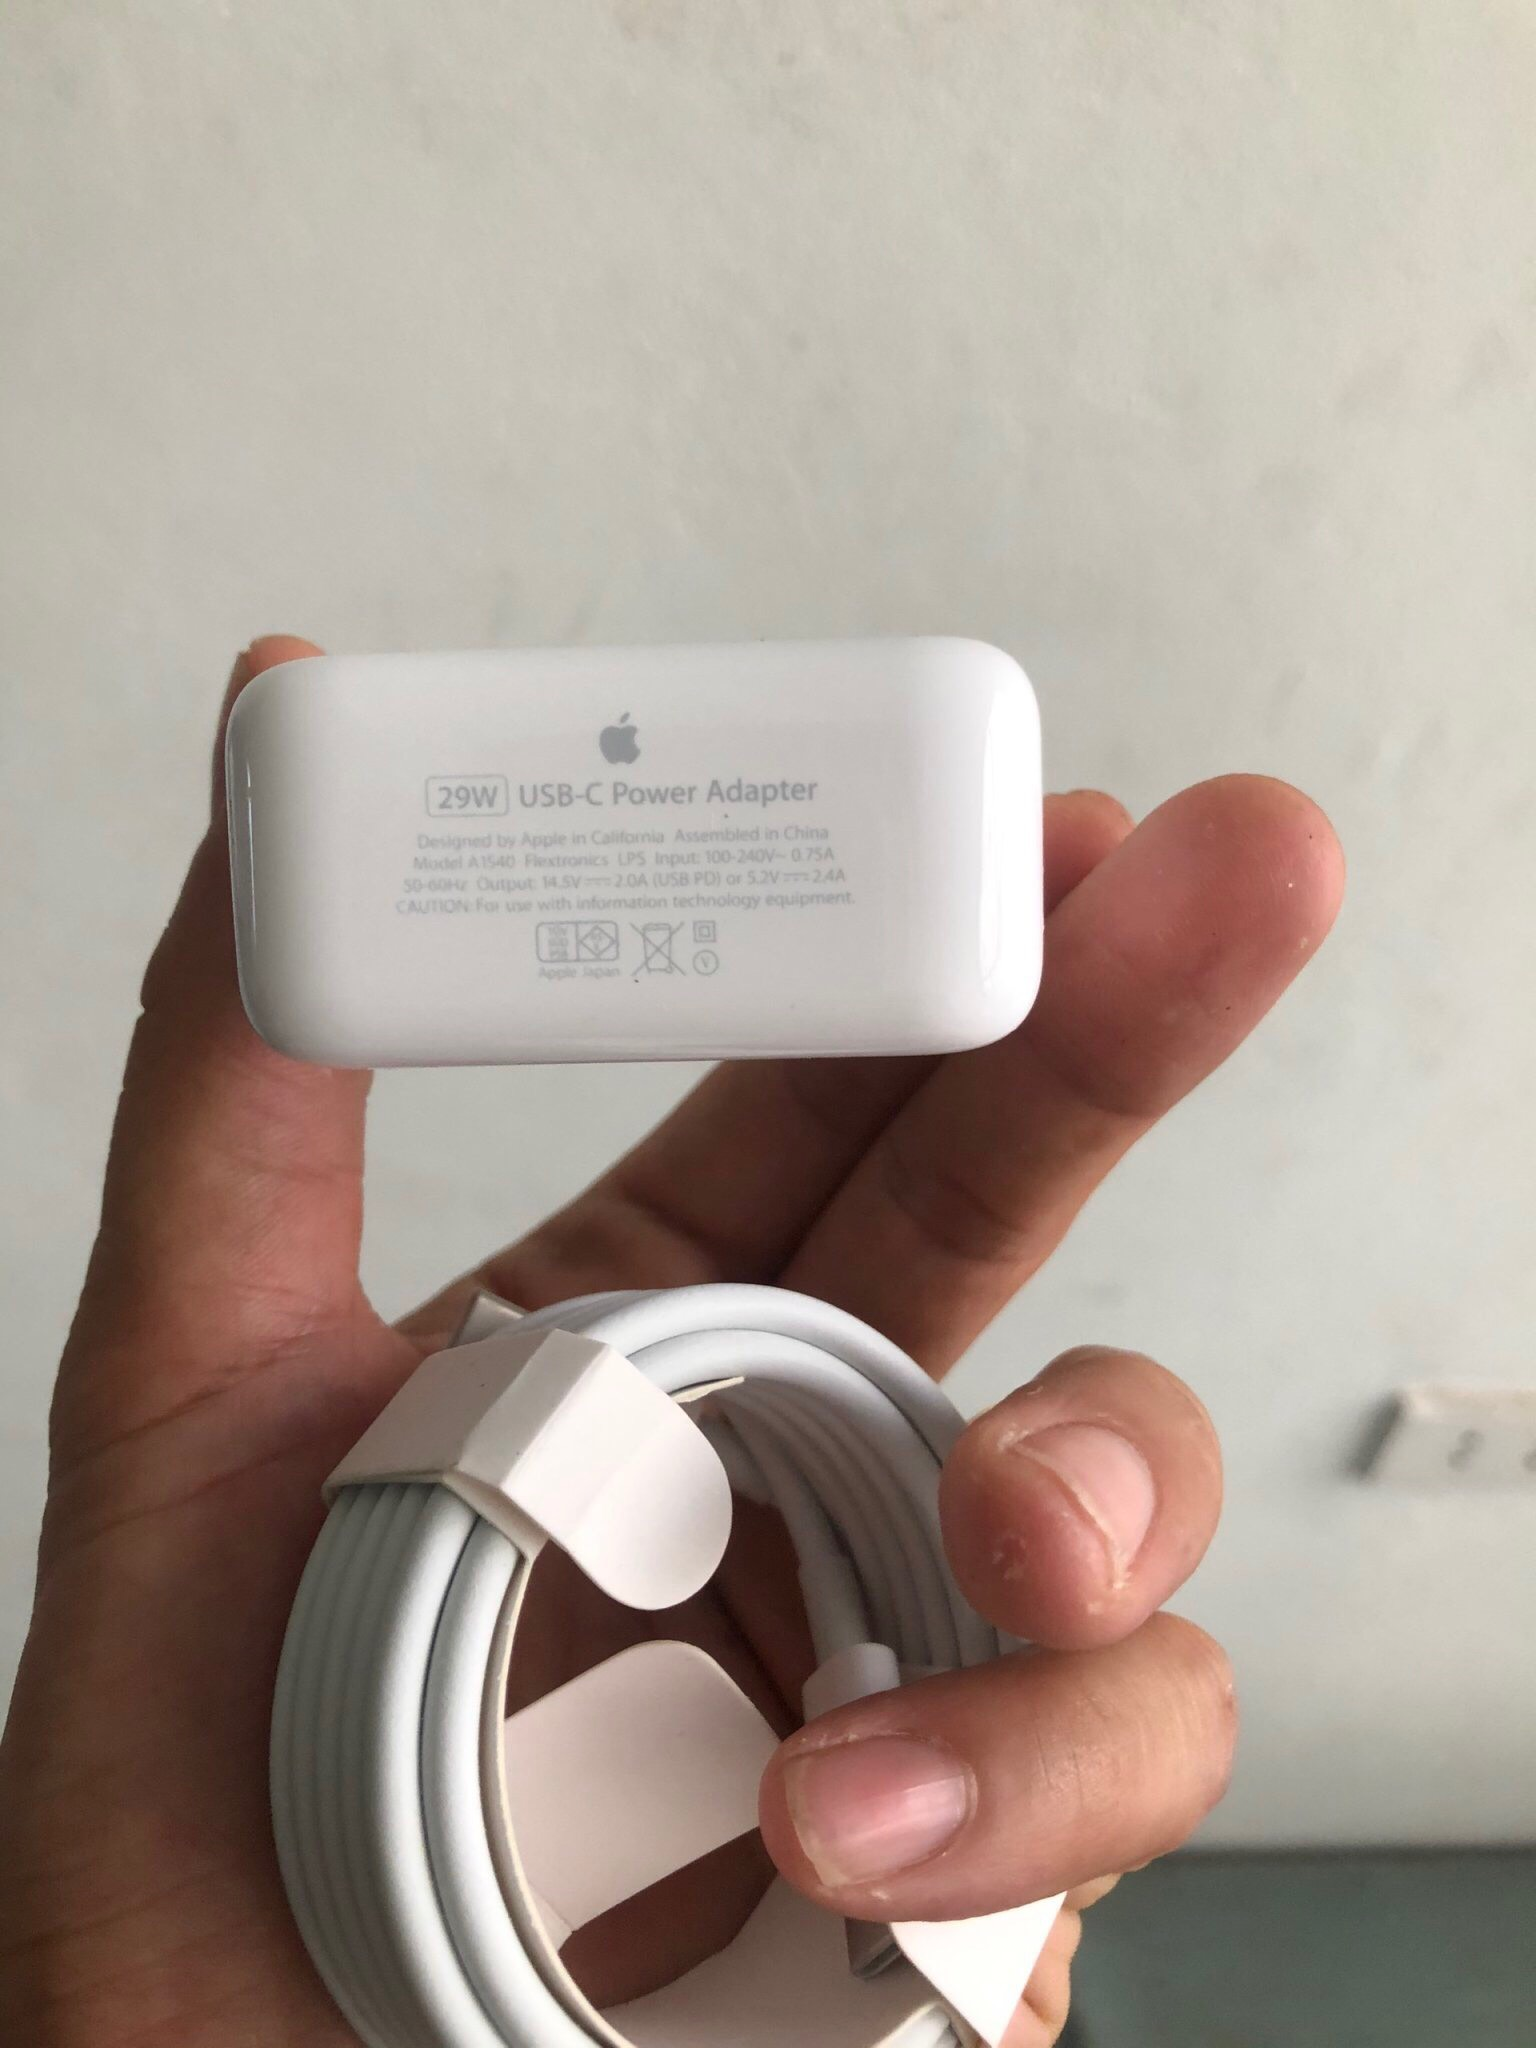 SẠC MACBOOK 29W USB-C POWER ADAPTER CHÍNH HÃNG